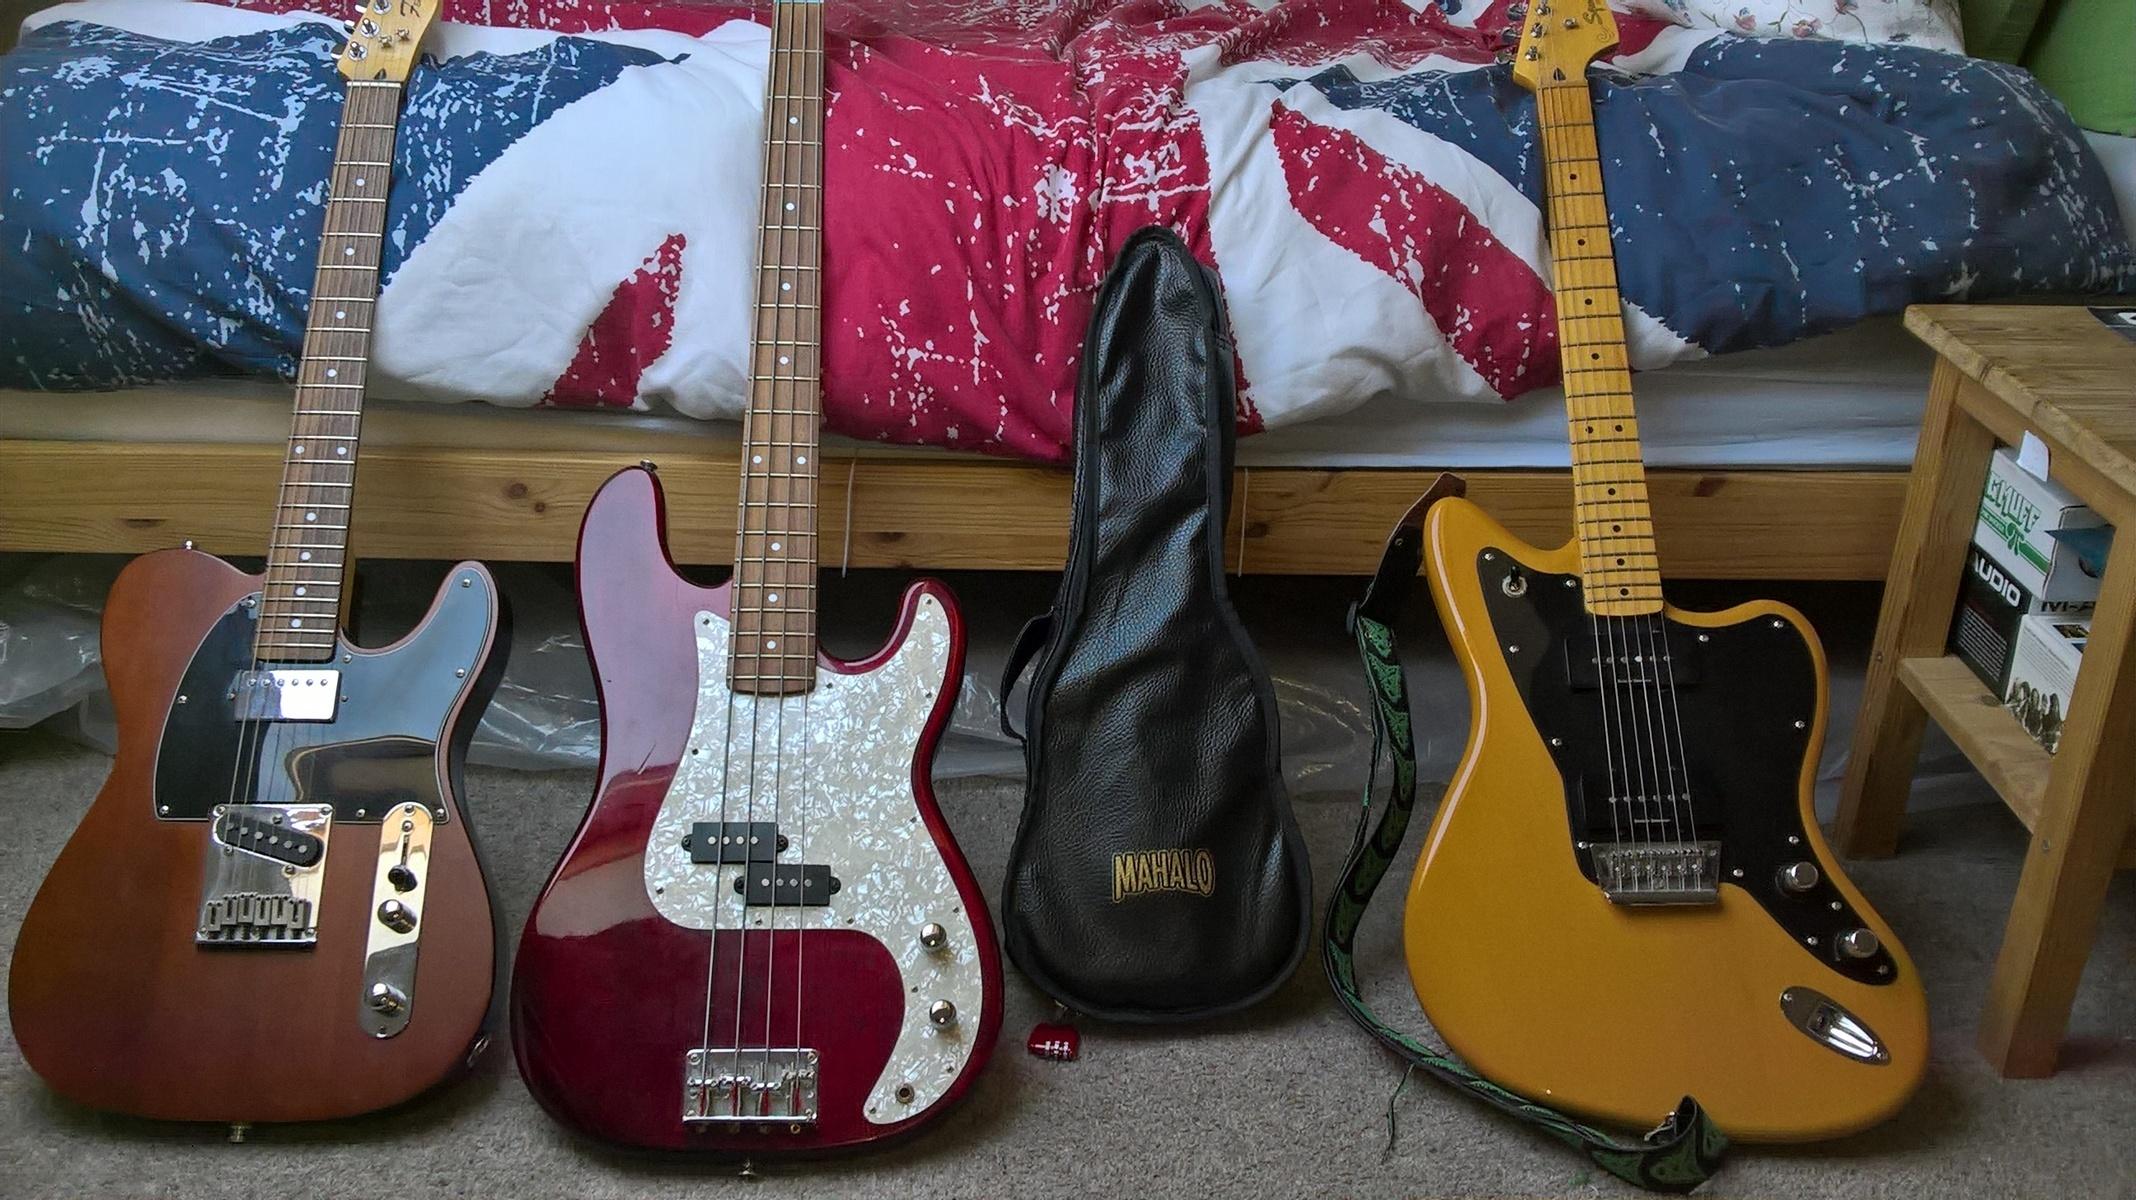 dukeuke's music gear photo